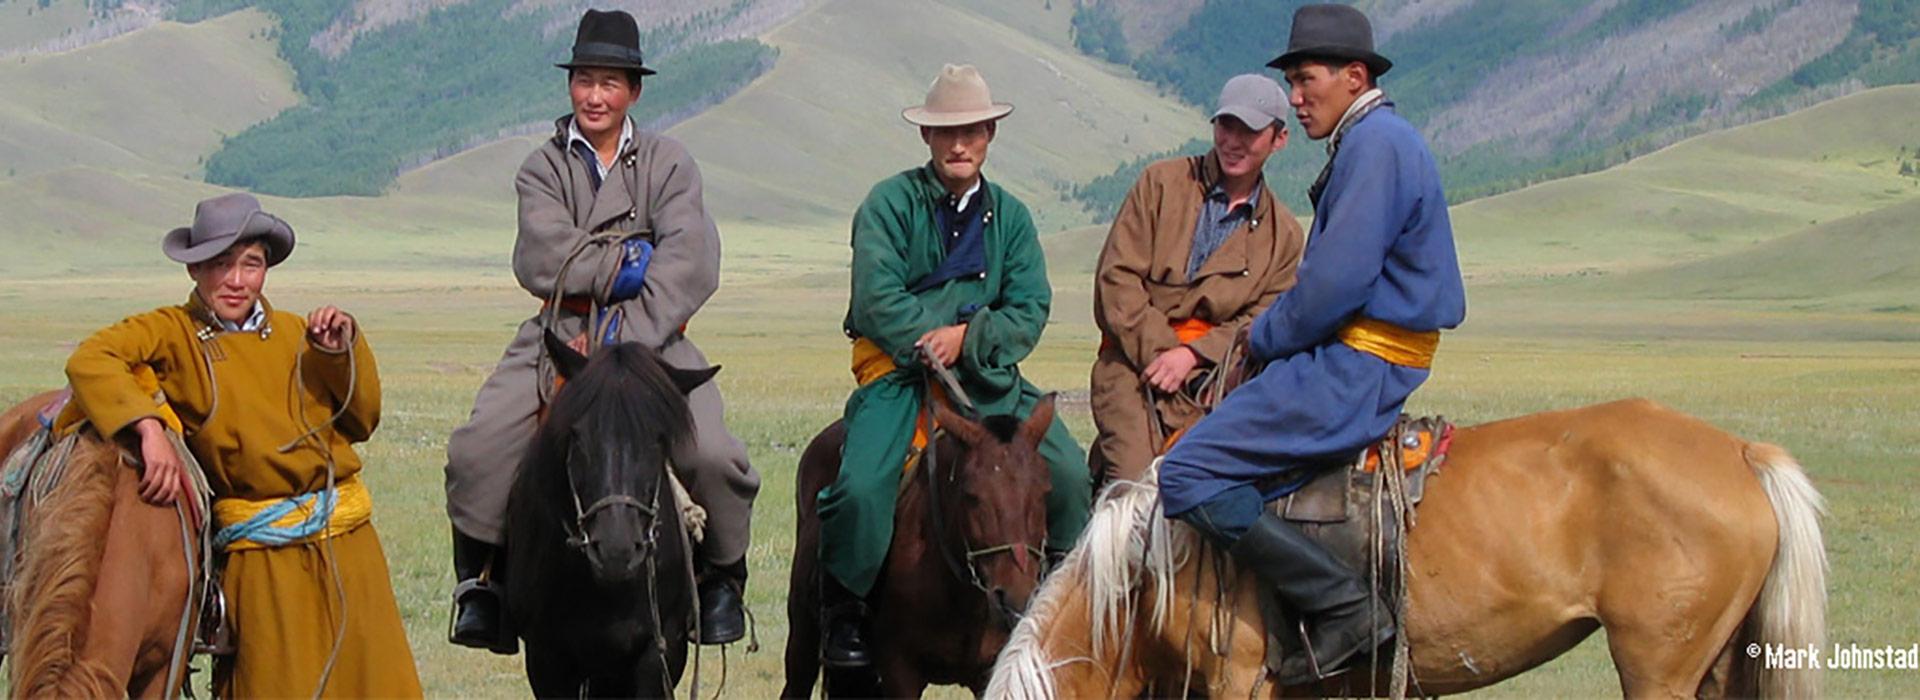 nomads-mongolia